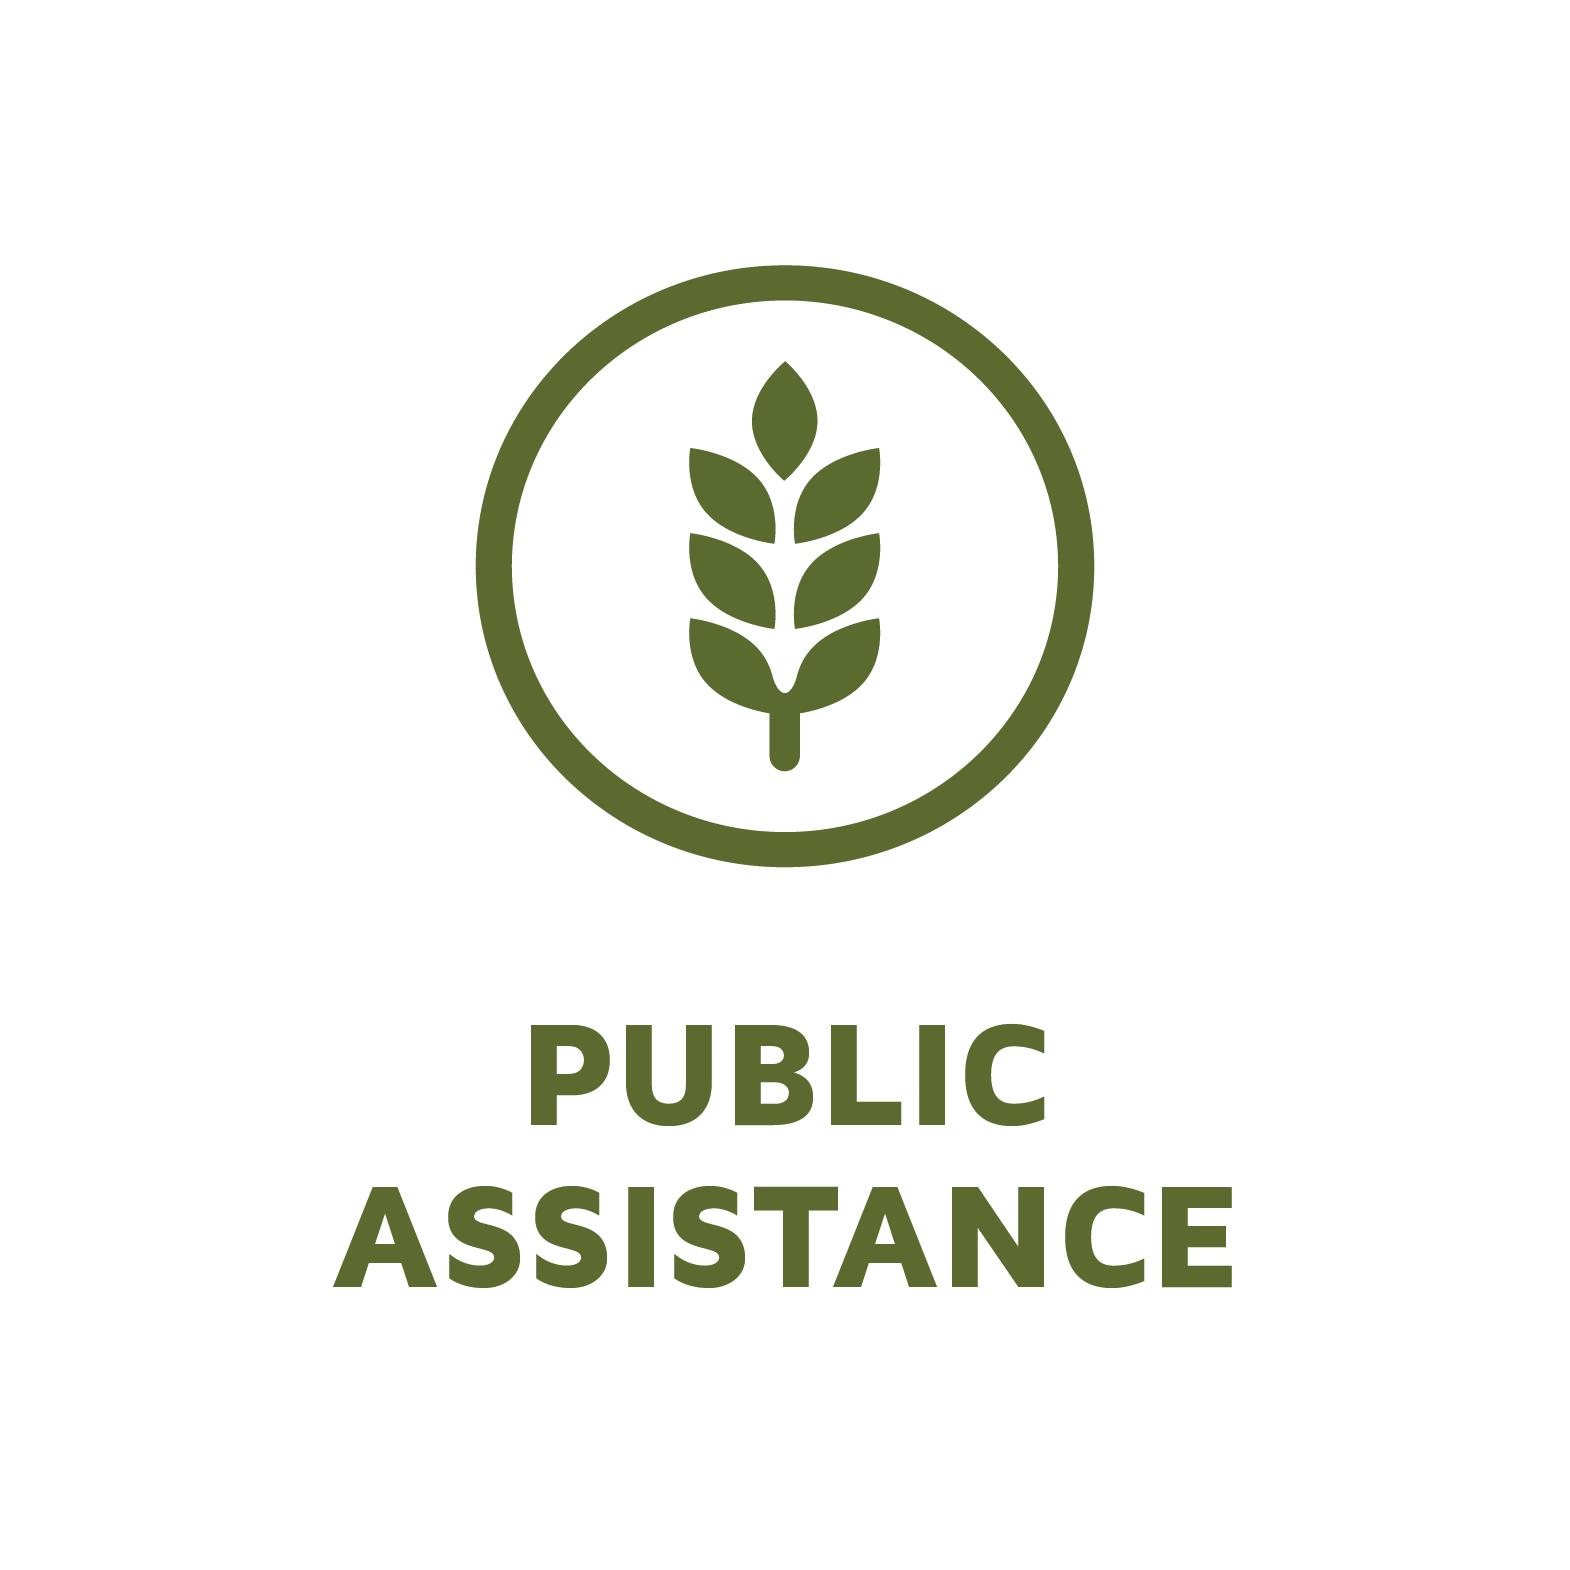 Public Assistance Tile